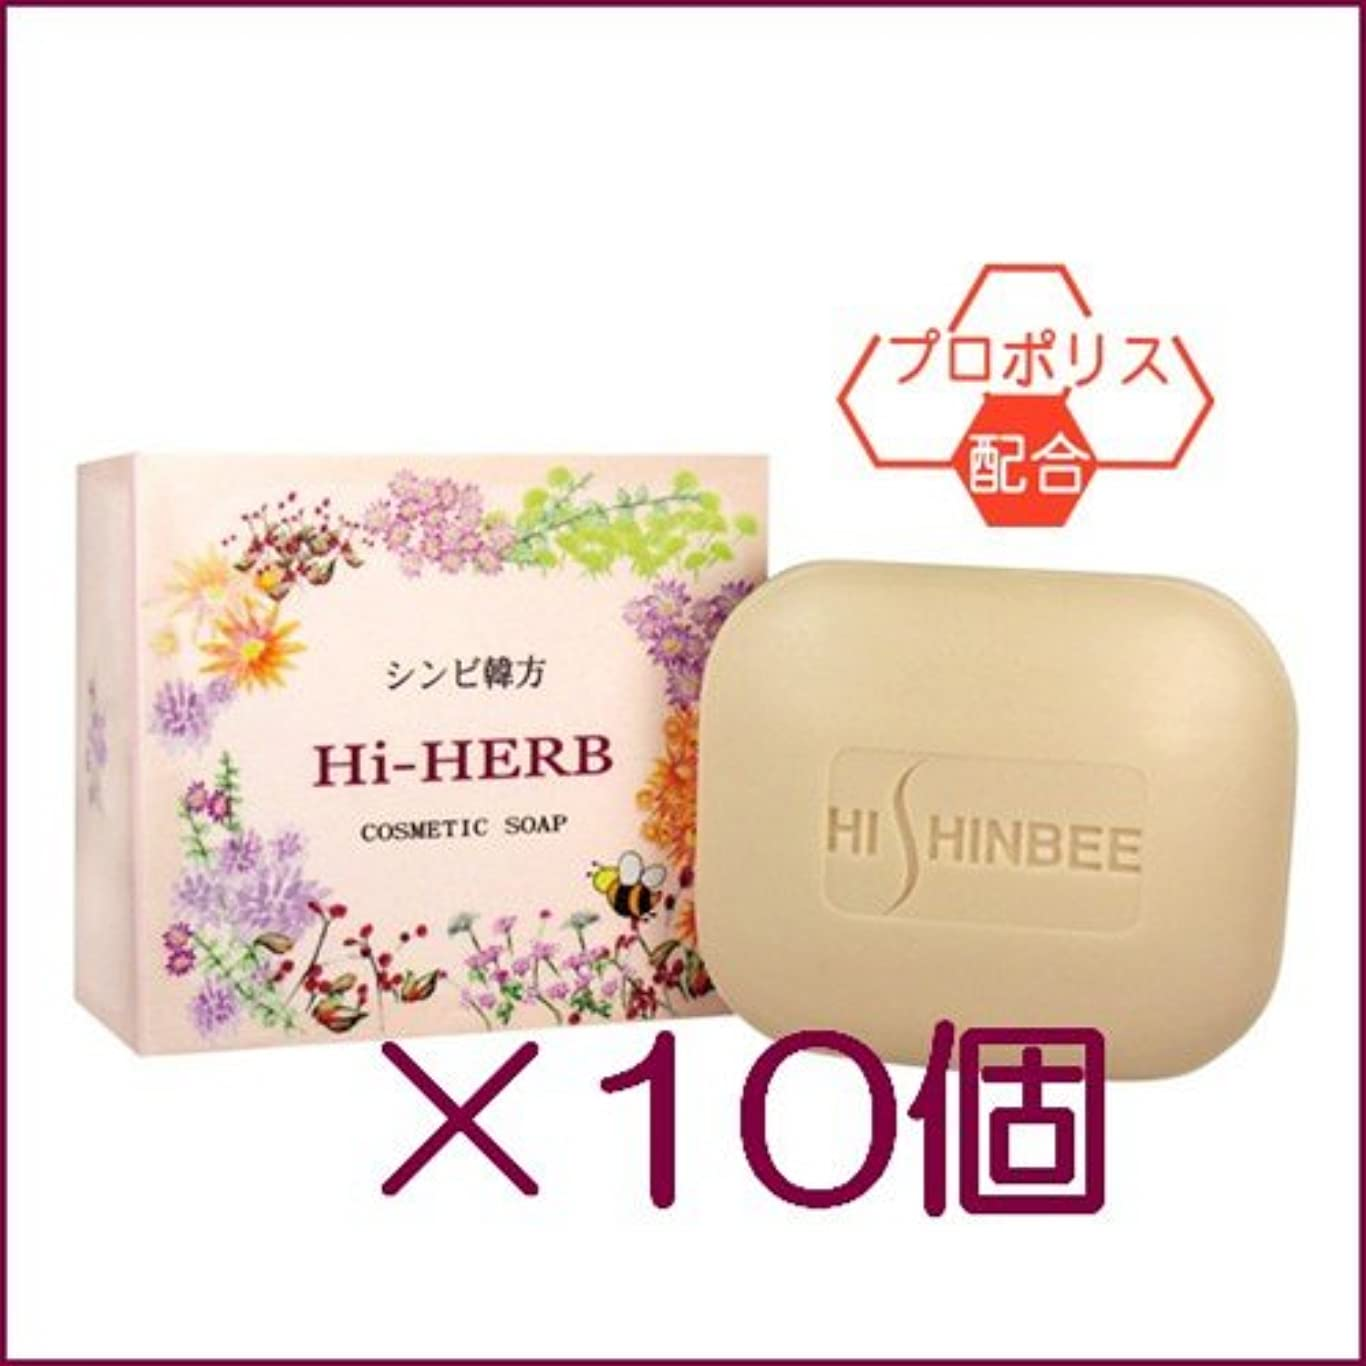 老人明日ラフ睡眠シンビ 韓方ハイハーブ石鹸 100g ×10個